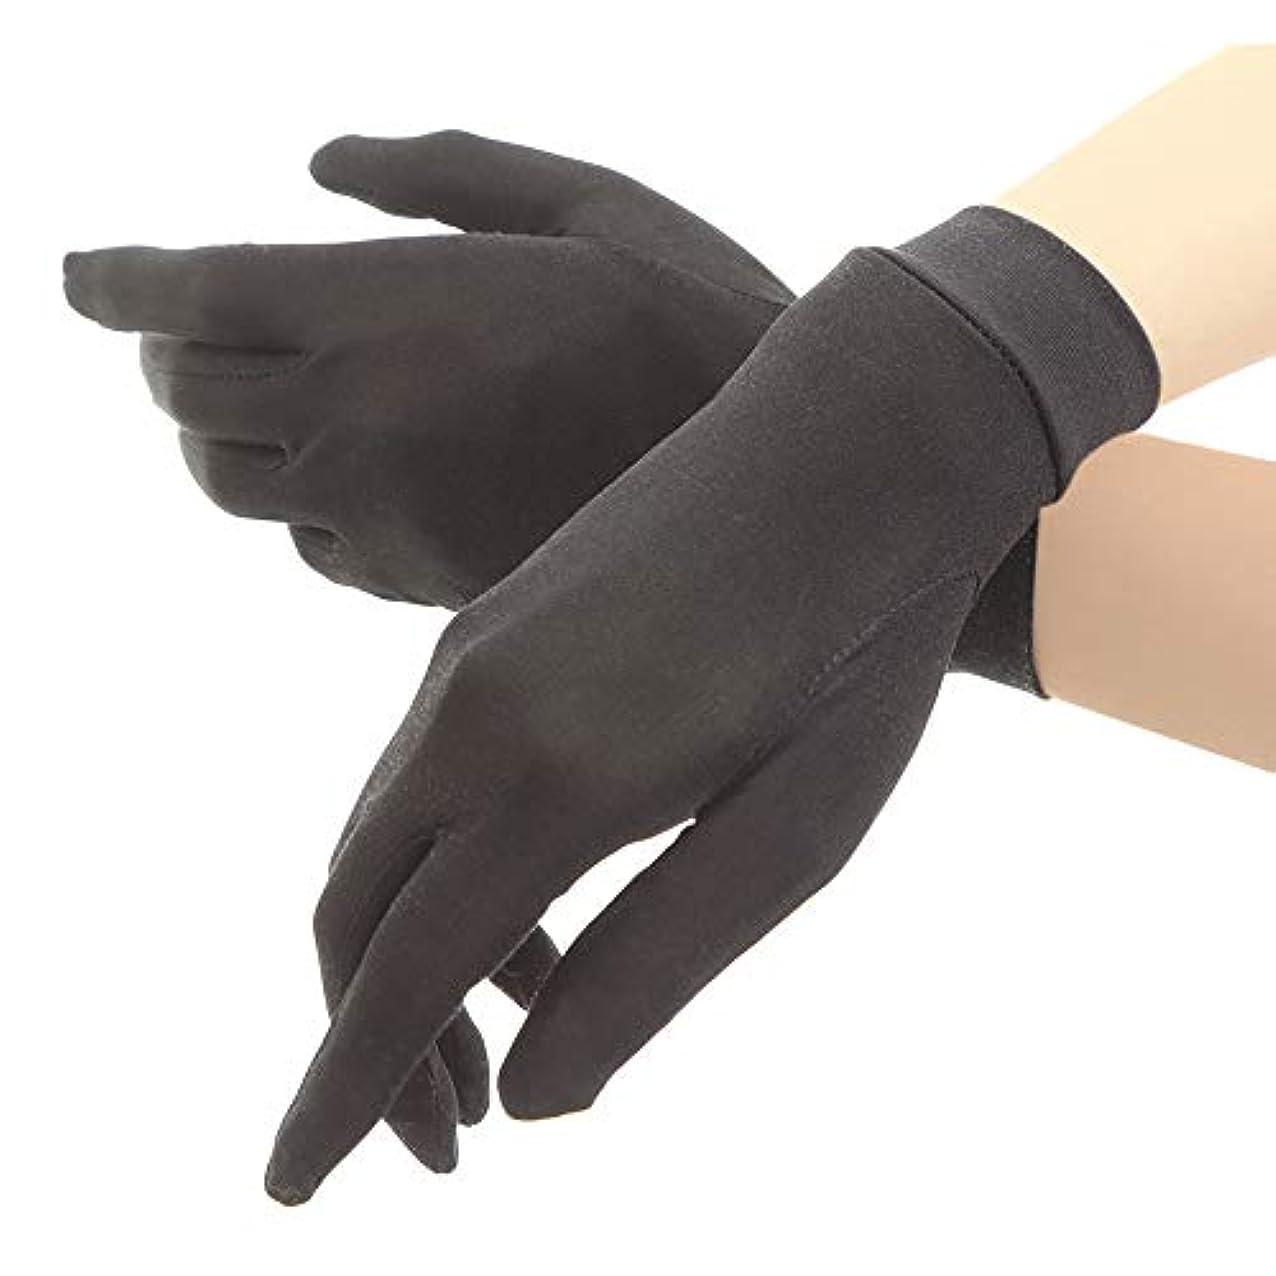 恐怖通知するスペースシルク手袋 レディース 手袋 シルク 絹 ハンド ケア 保湿 紫外線 肌荒れ 乾燥 サイズアップで手指にマッチ 【macch】